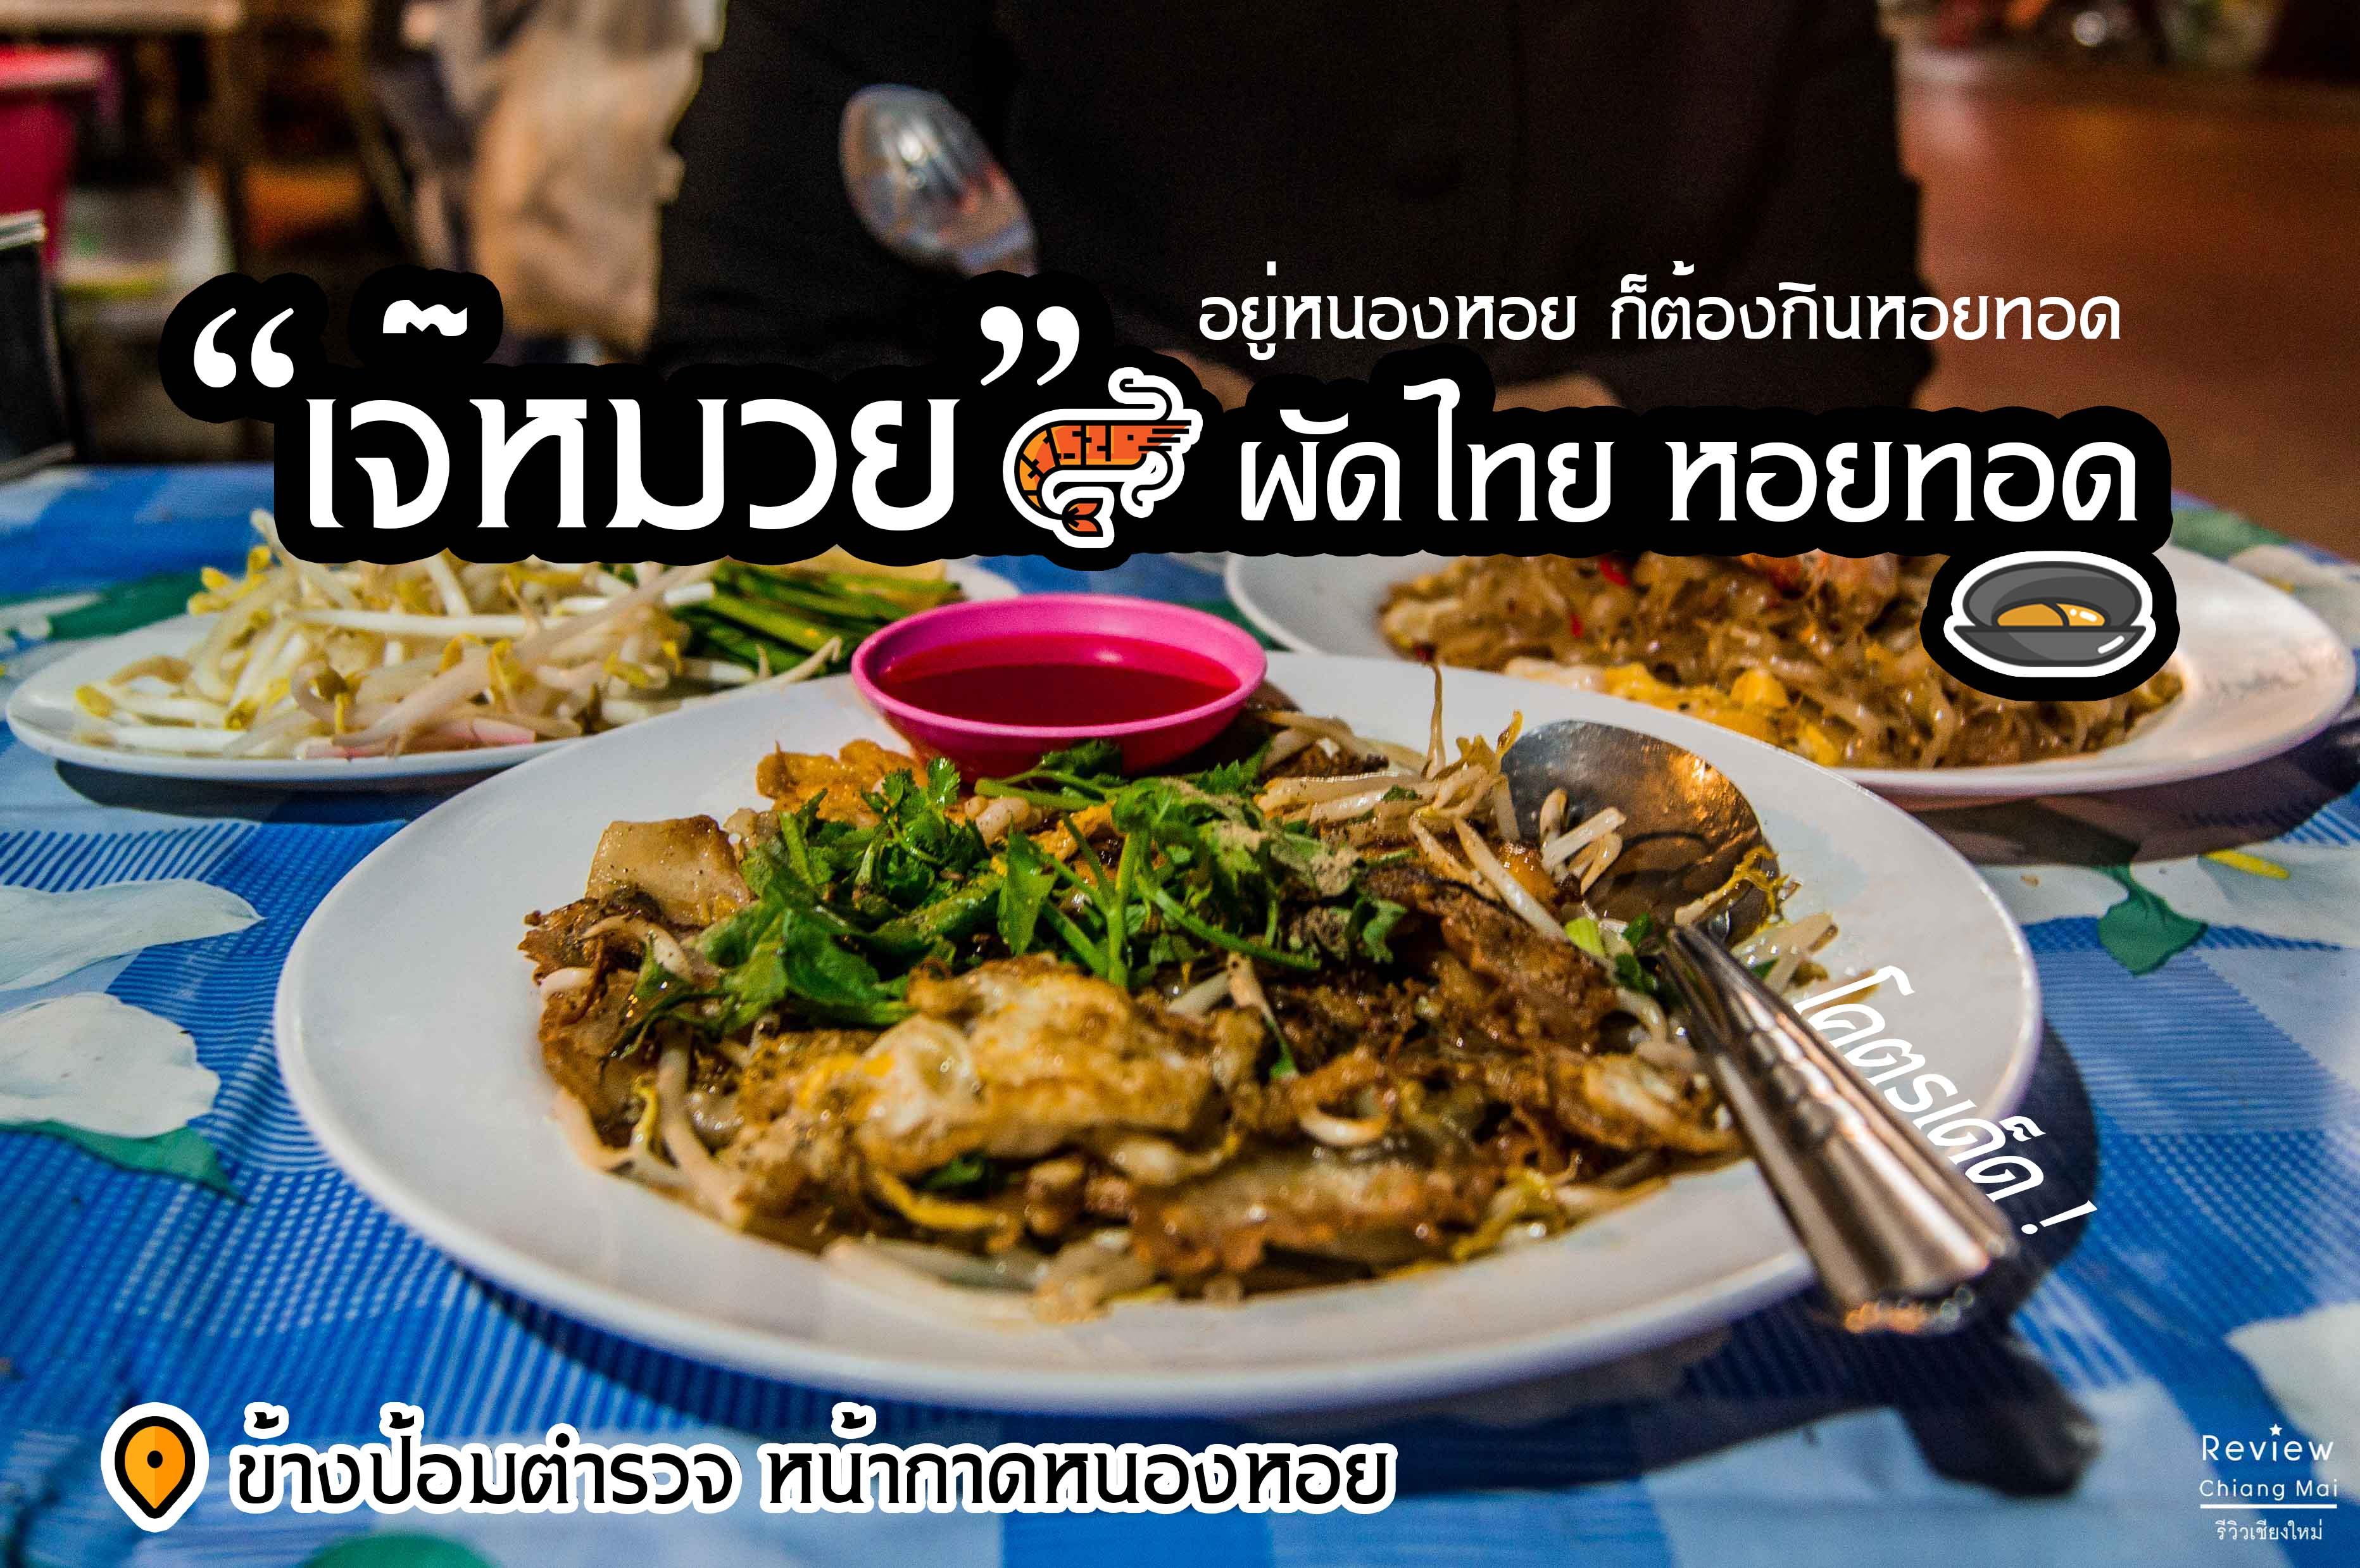 """อยู่หนองหอย ก็ต้องกินหอยทอด """"เจ๊หมวย"""" ผัดไทย หอยทอด ?ข้างป้อมตำรวจ หน้ากาดหนองหอย #โคตรเด็ด"""